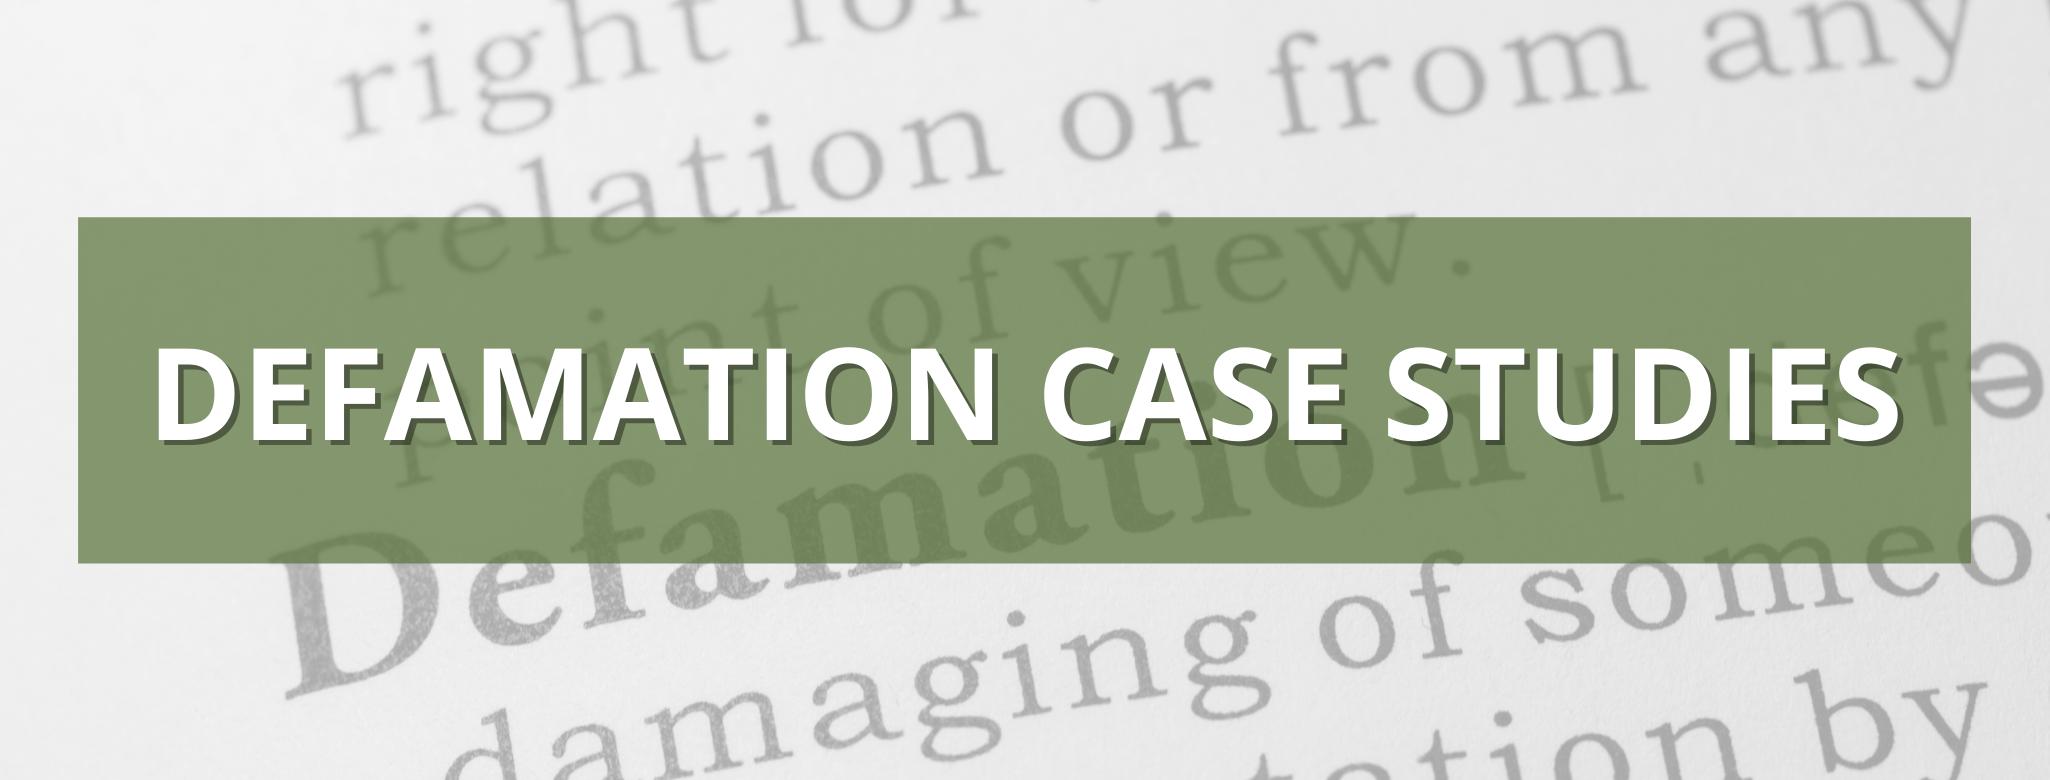 defamation case studies